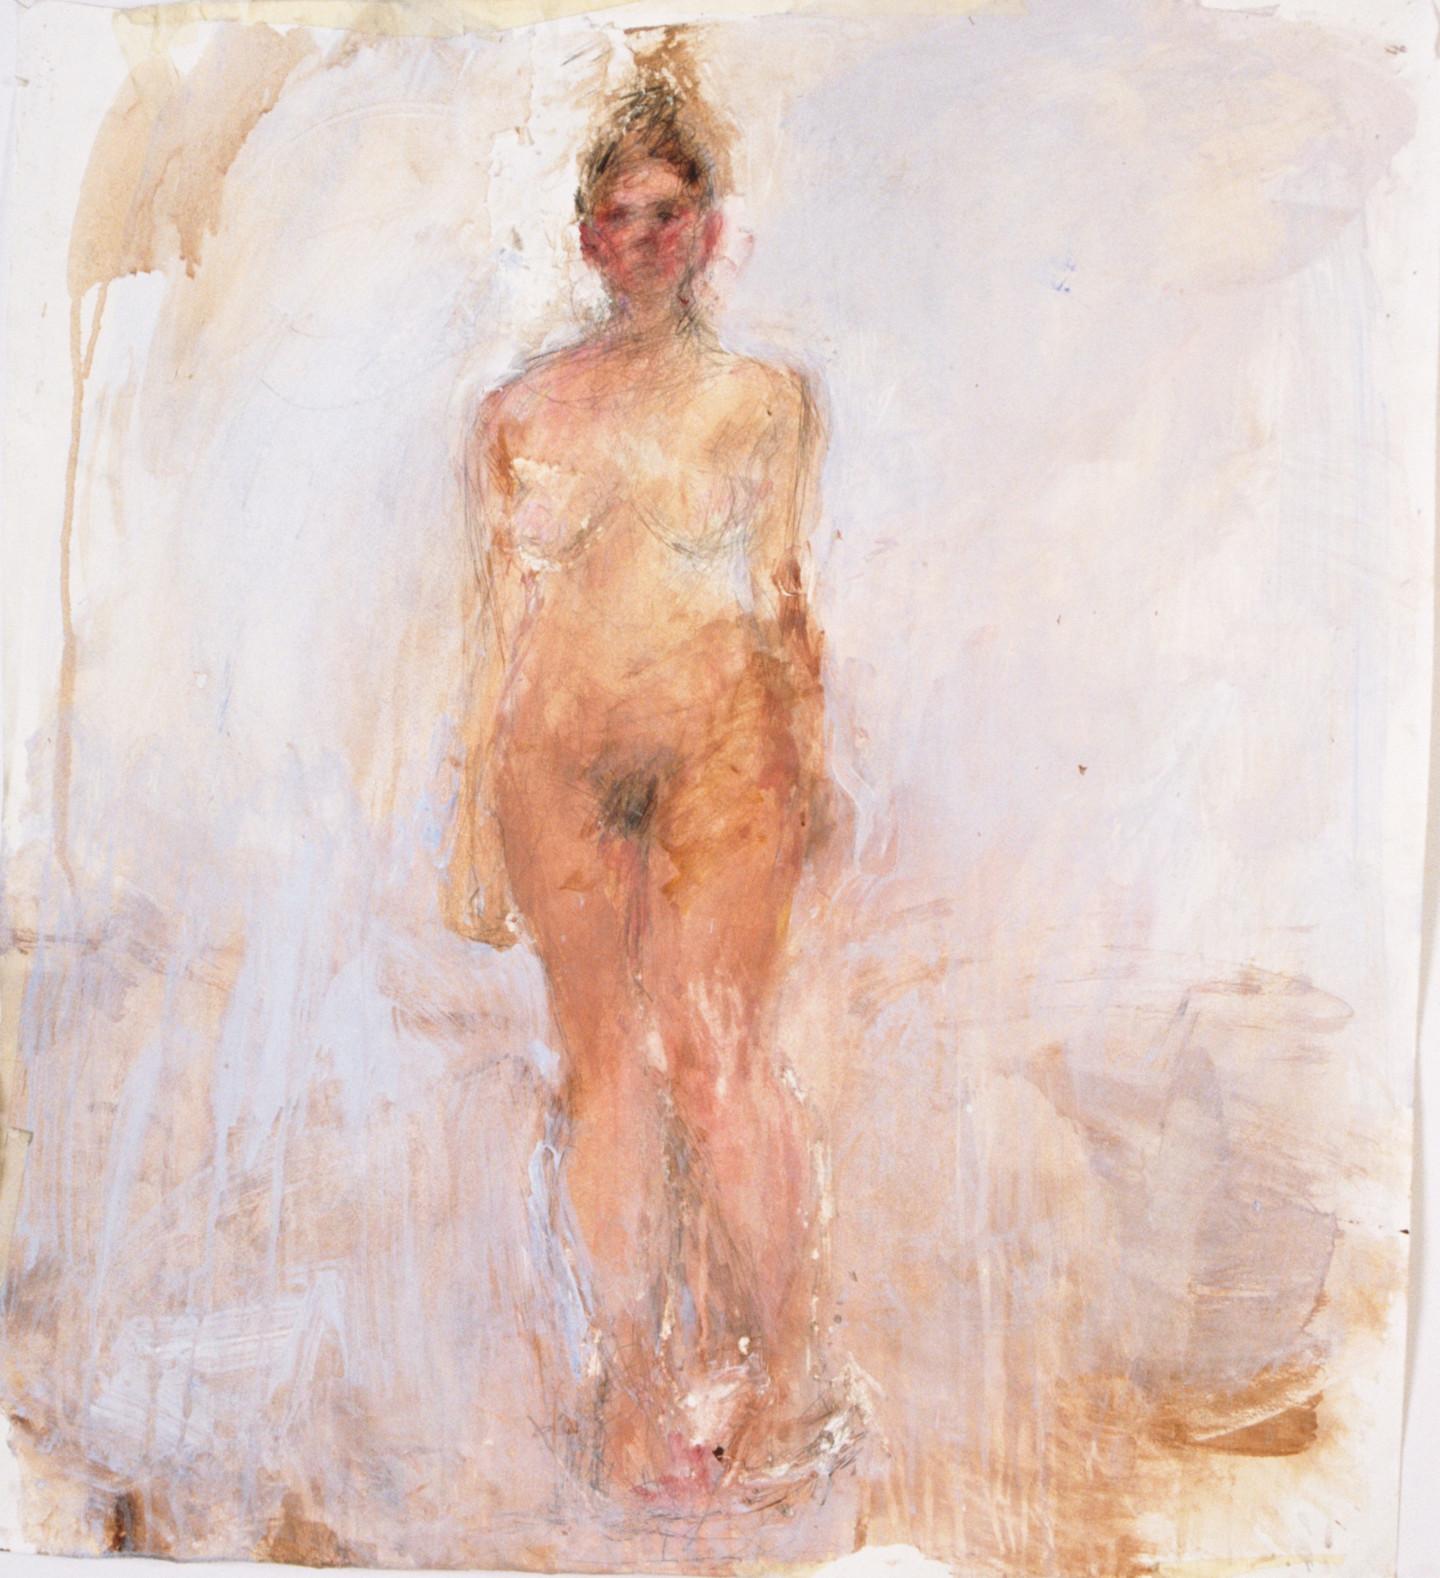 Fleur Elise Noble - Me Nude